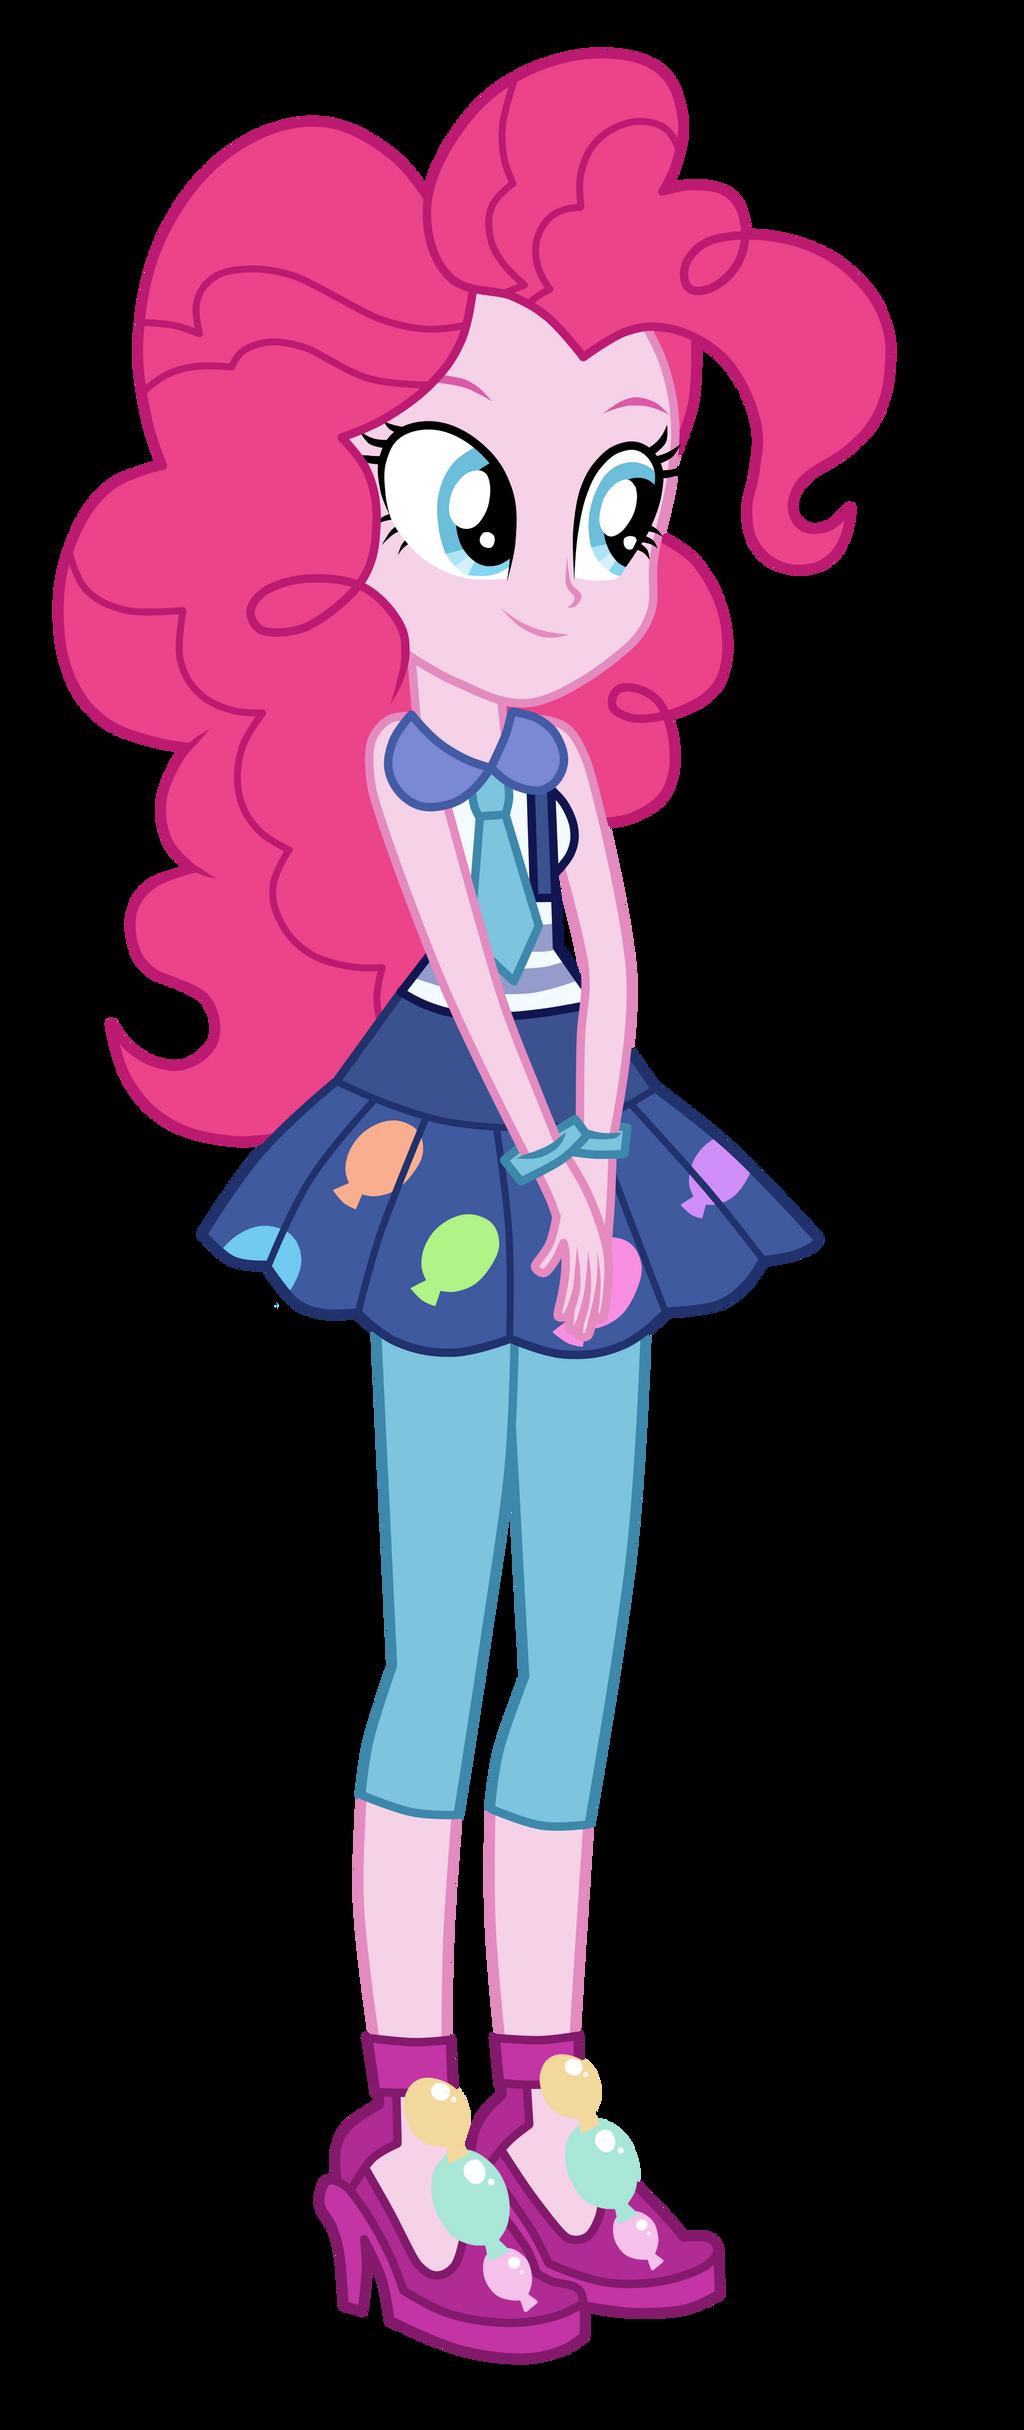 Pinkie Pie - Friendship Games by MixiePie on DeviantArt